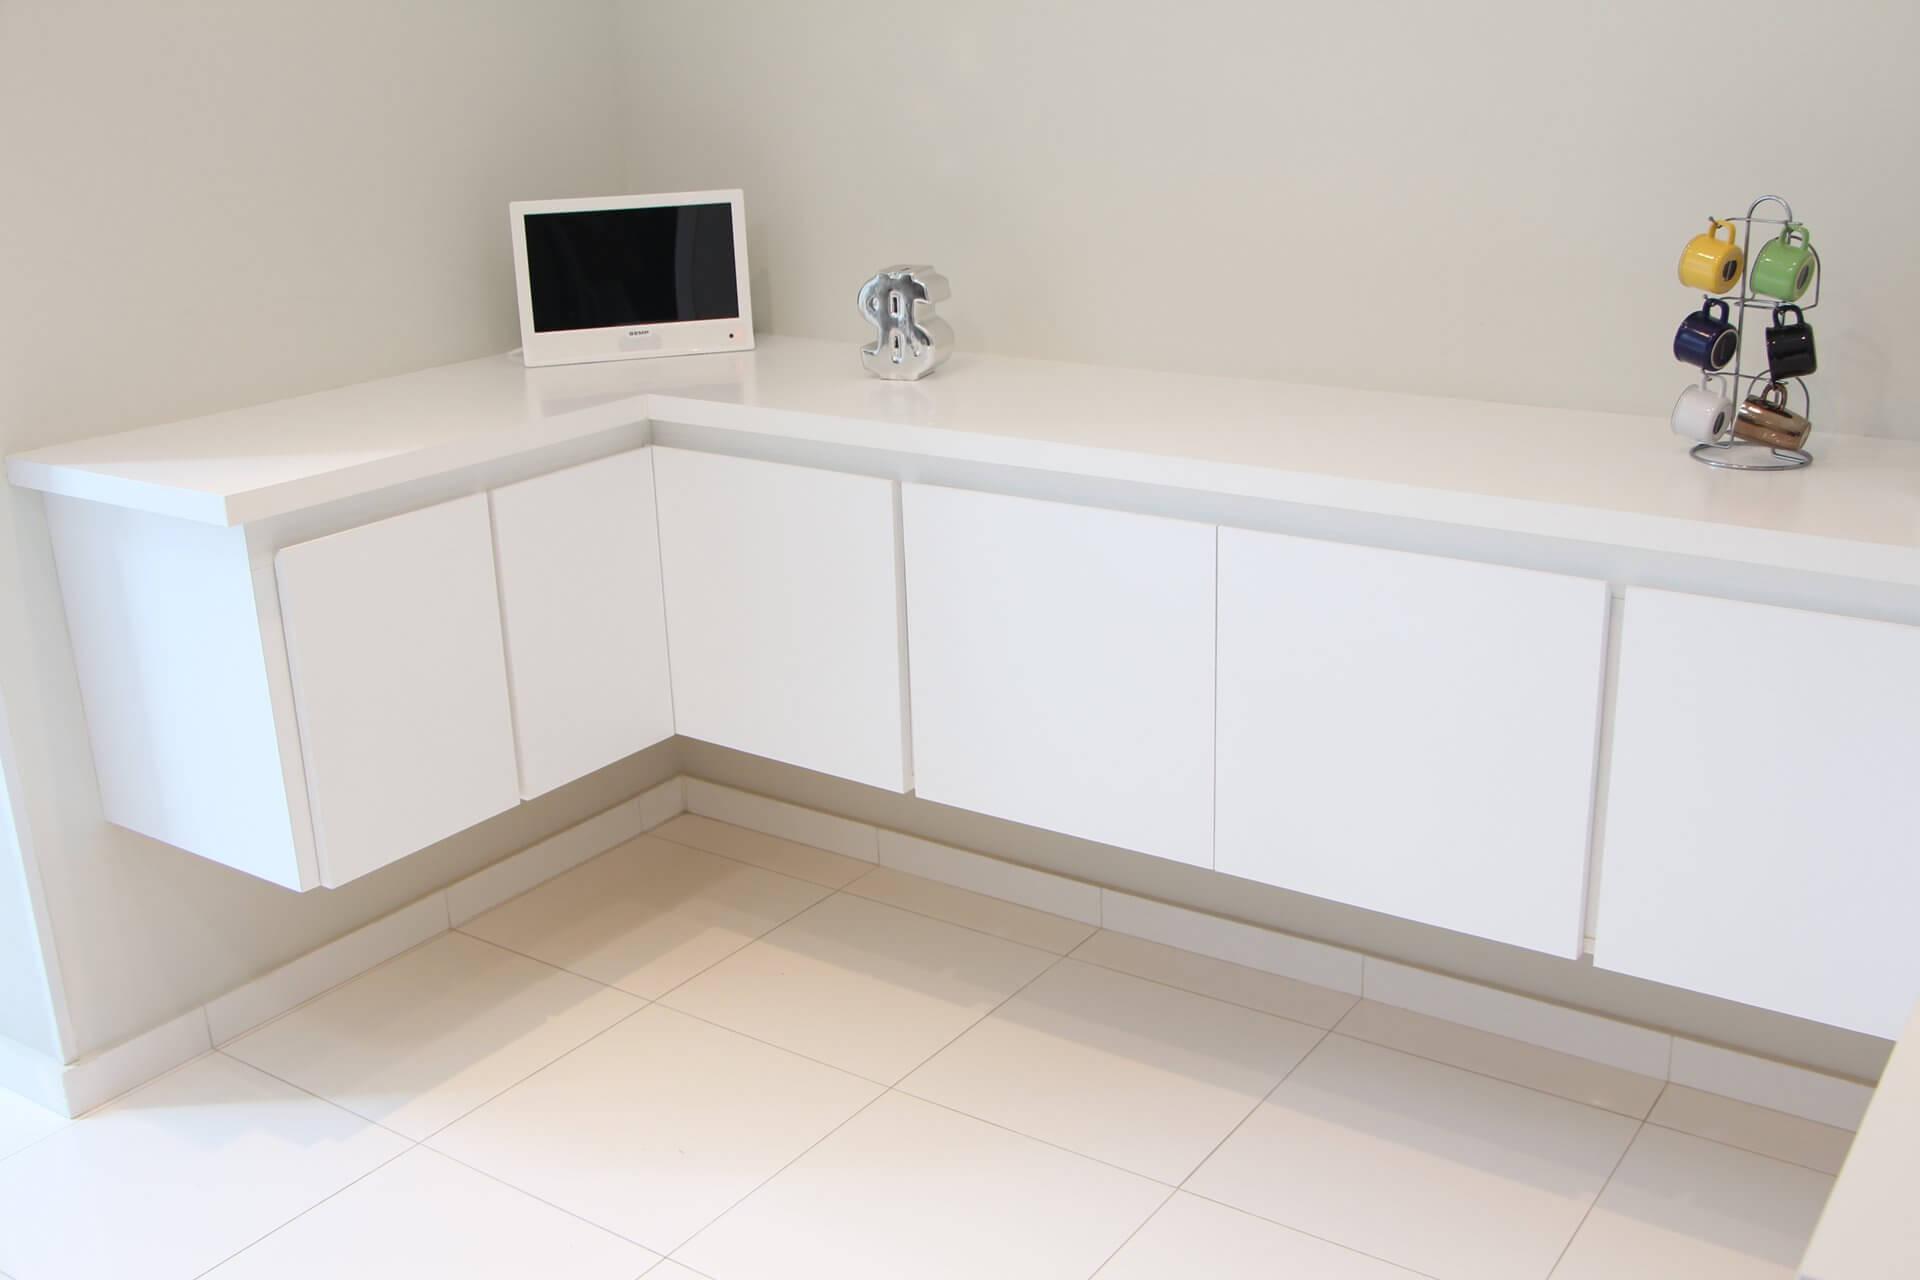 moveis-sob-medida_cozinhas-planejadas-galeria-87